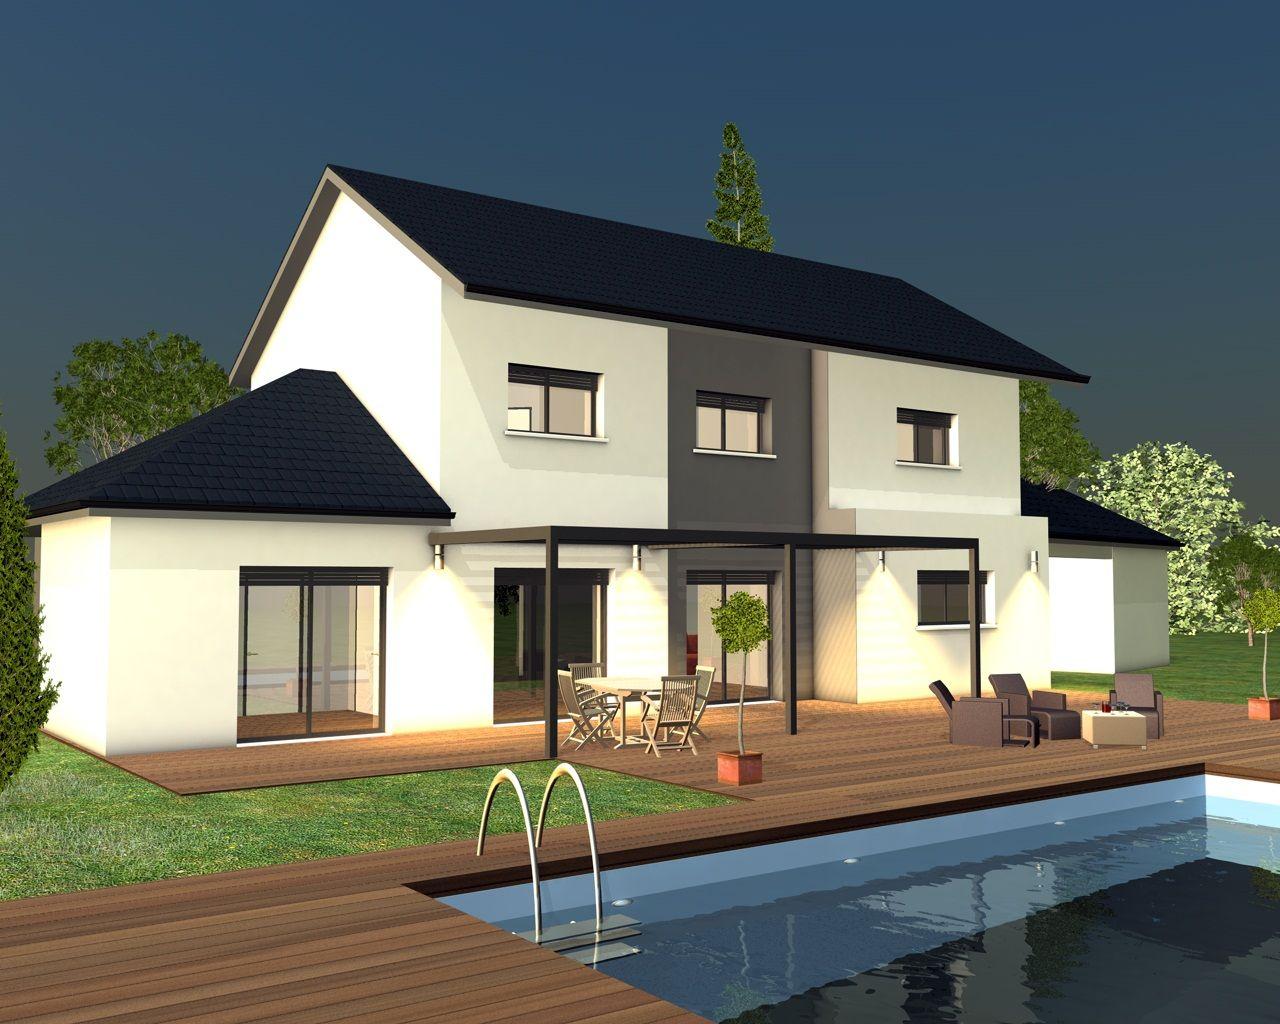 Modèles et plans de maisons modèle à étage inspiration étage pergola constructions demeures côte